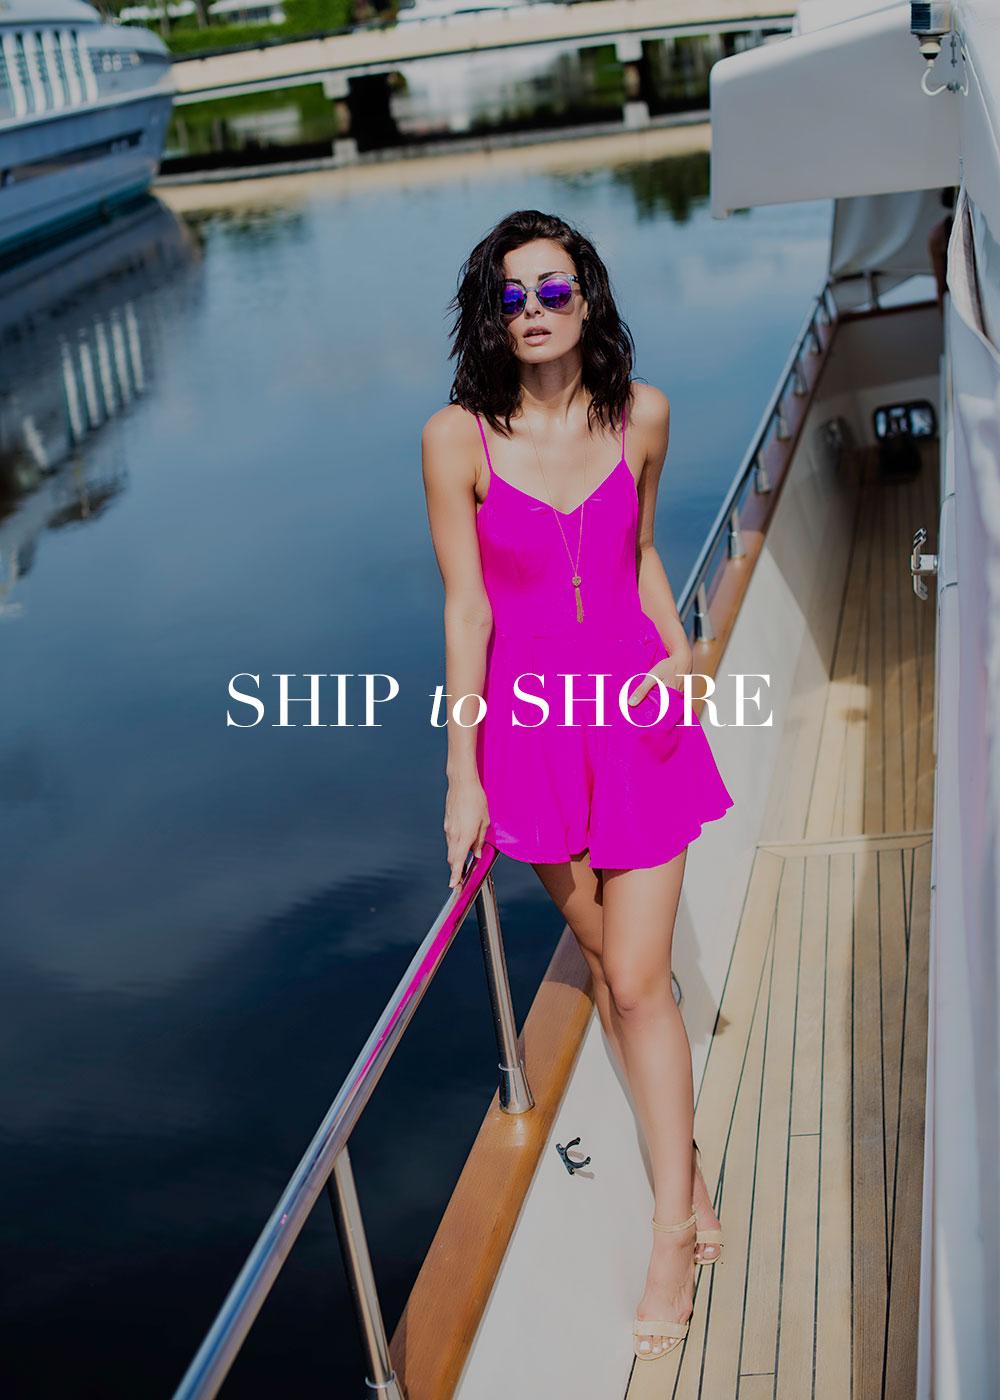 Stylish Woman on Yacht